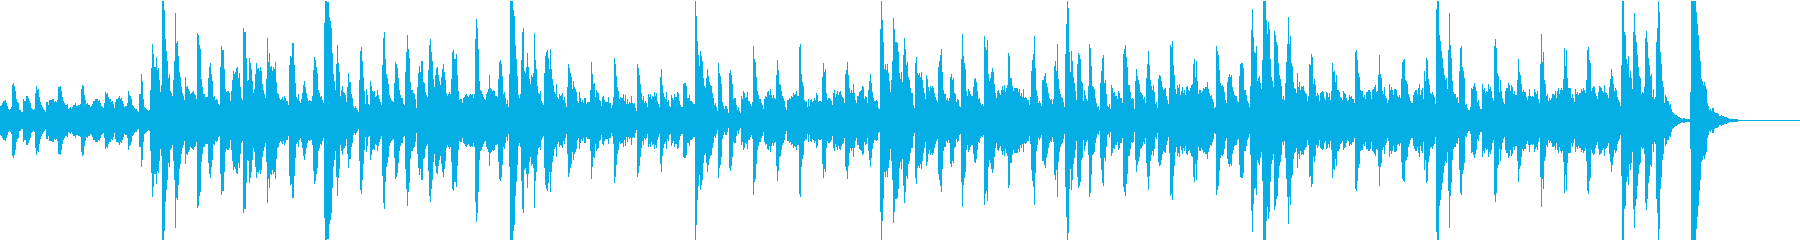 マリンバが印象的な可愛い雰囲気のマーチの再生済みの波形